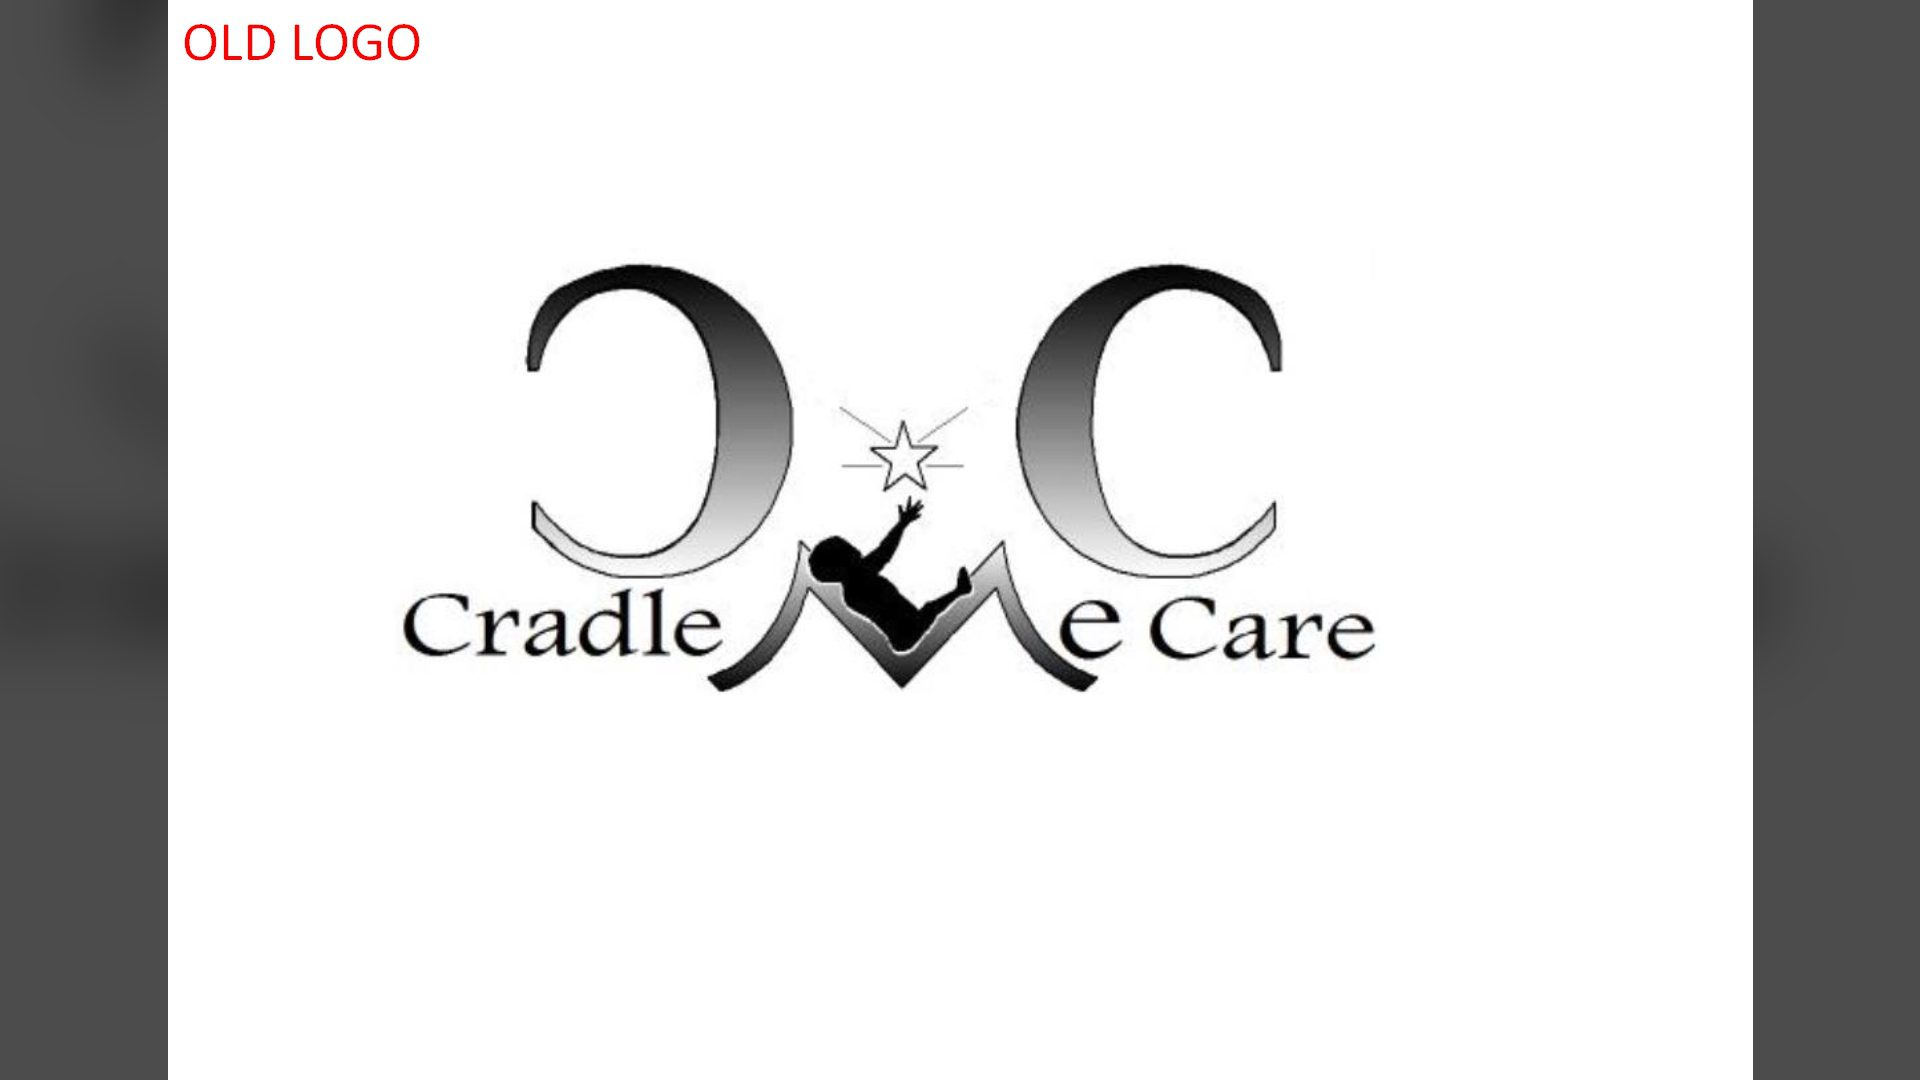 Cradle Me Care - Rebranding (5)